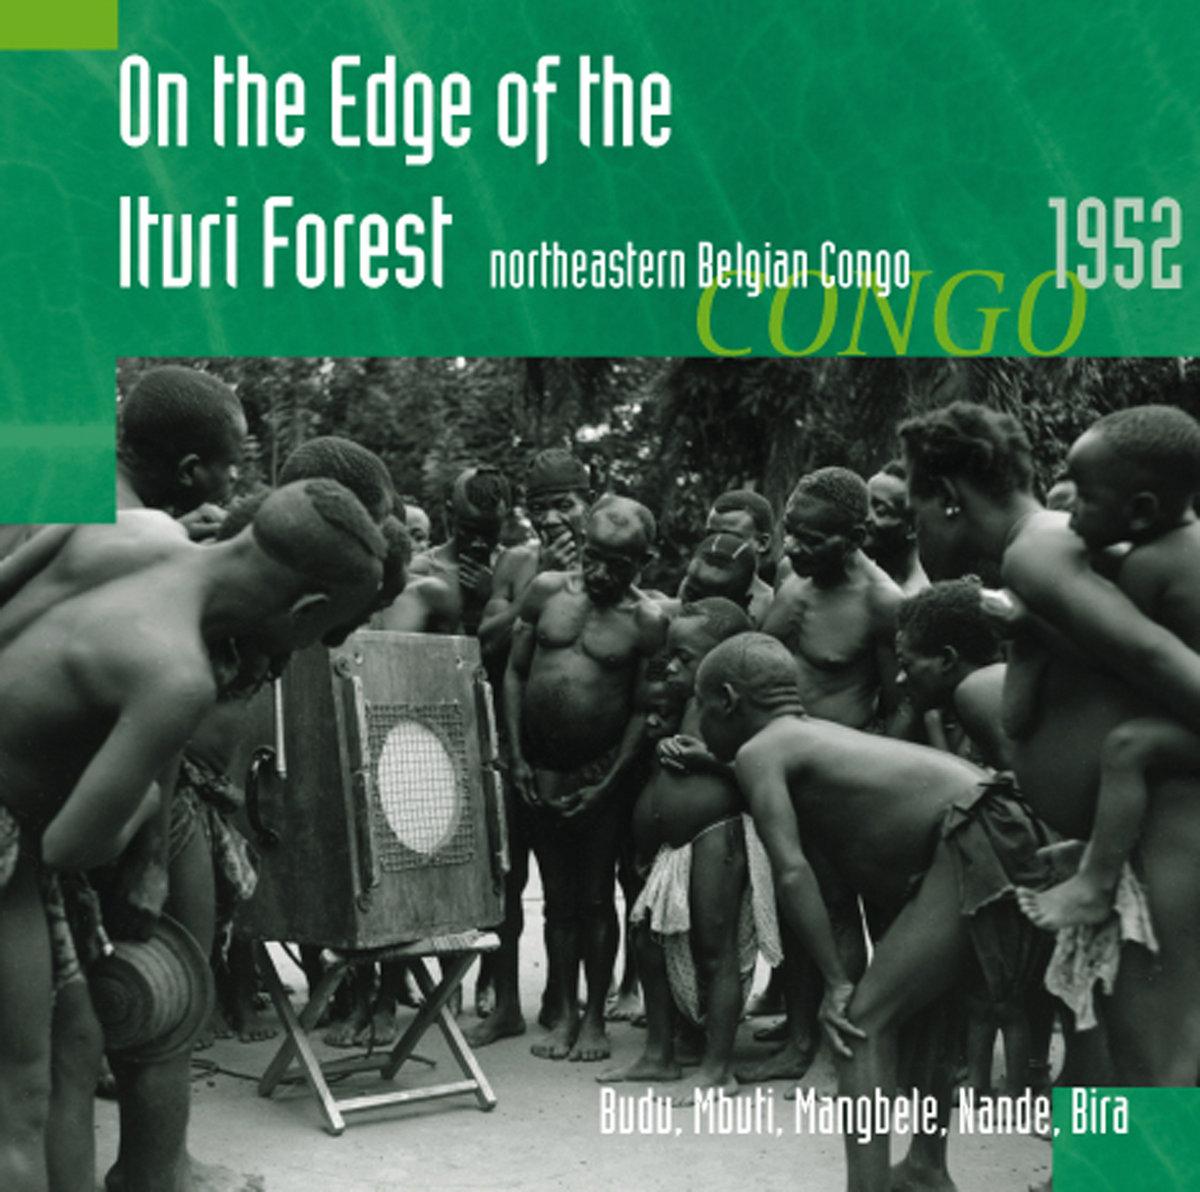 このアルバムには、Songs of devotion to the forest (森に捧げる歌)が収録されている